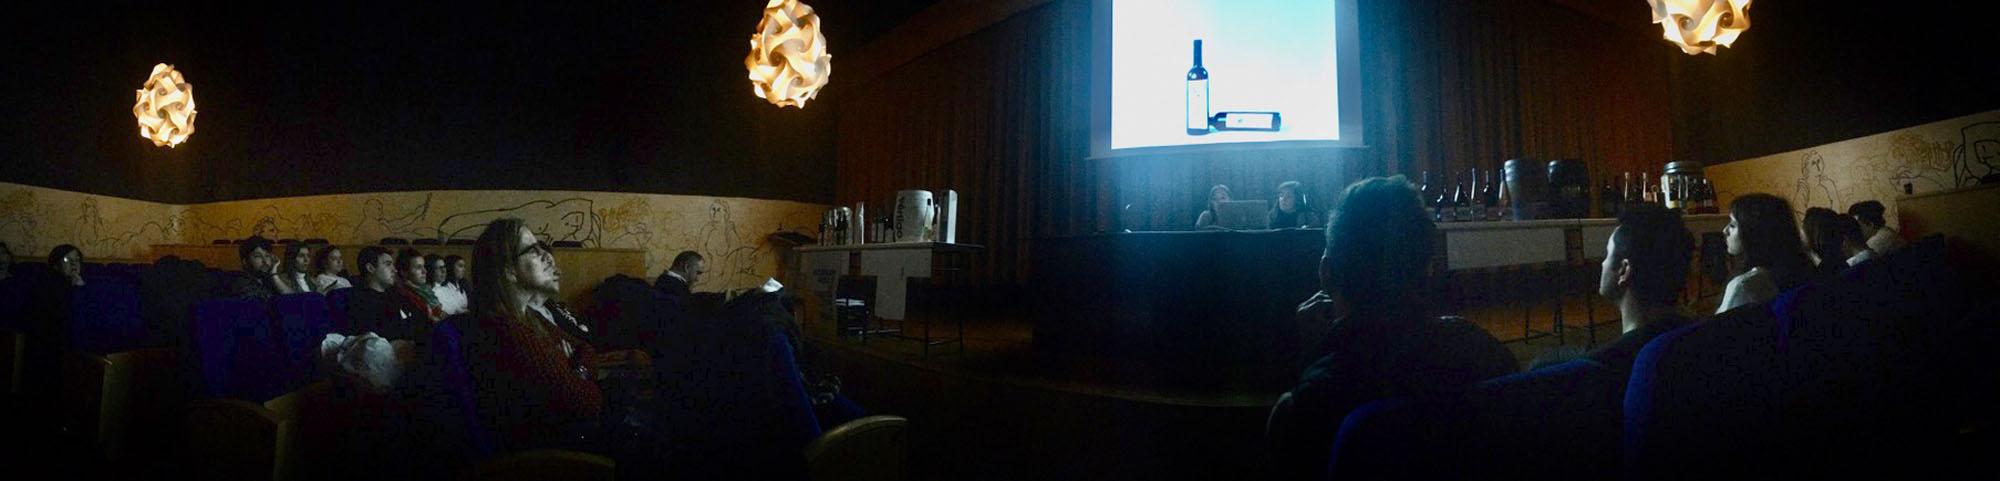 Presentación de los diseños del Máster de Packaging para los vinos de Enología de la UR